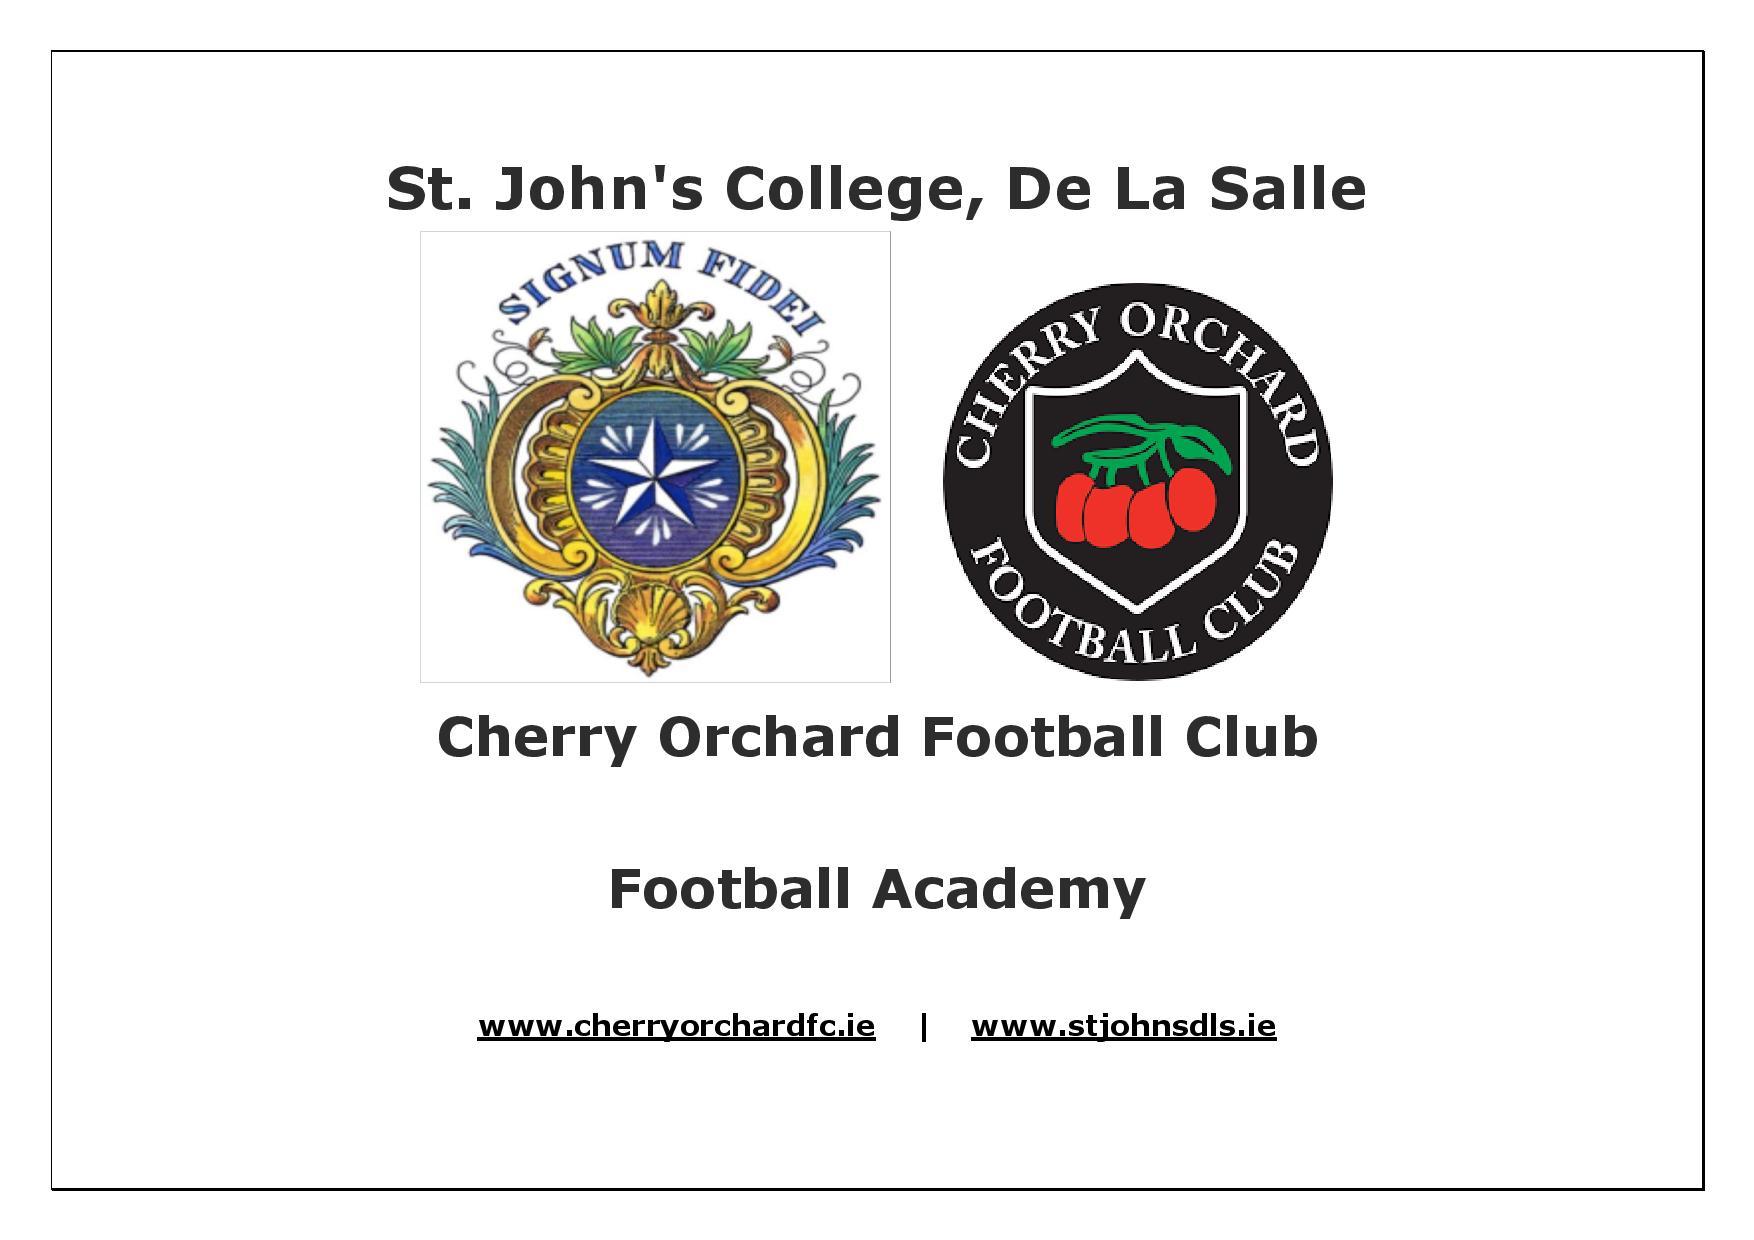 St-Johns-College-De-La-Salle-Cherry-Orchard-FC-Partnership-Sign-WEBSITE